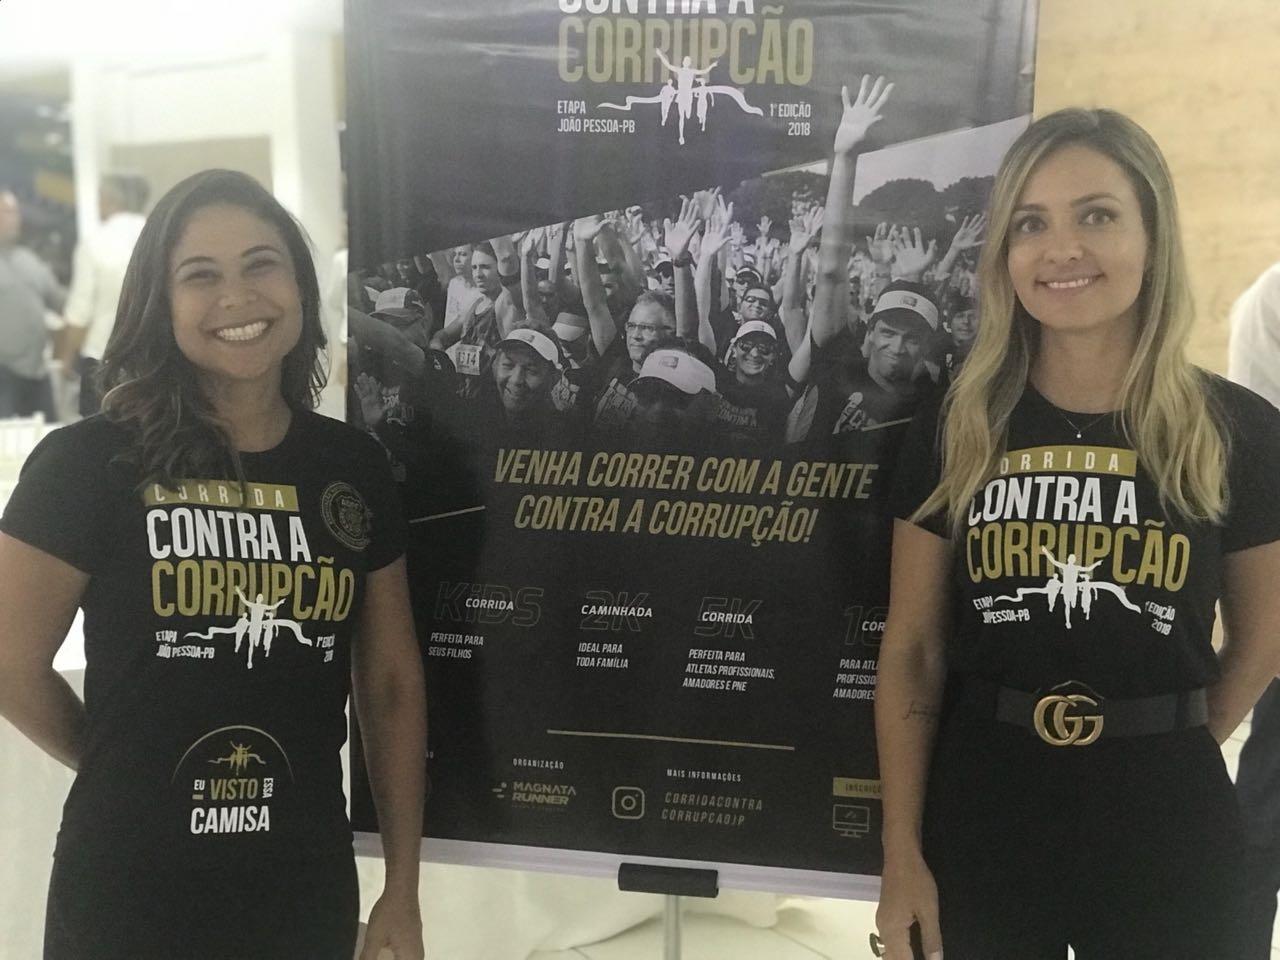 Primeira Corrida Contra a Corrupção pretende reunir 1,5 mil pessoas na Paraíba